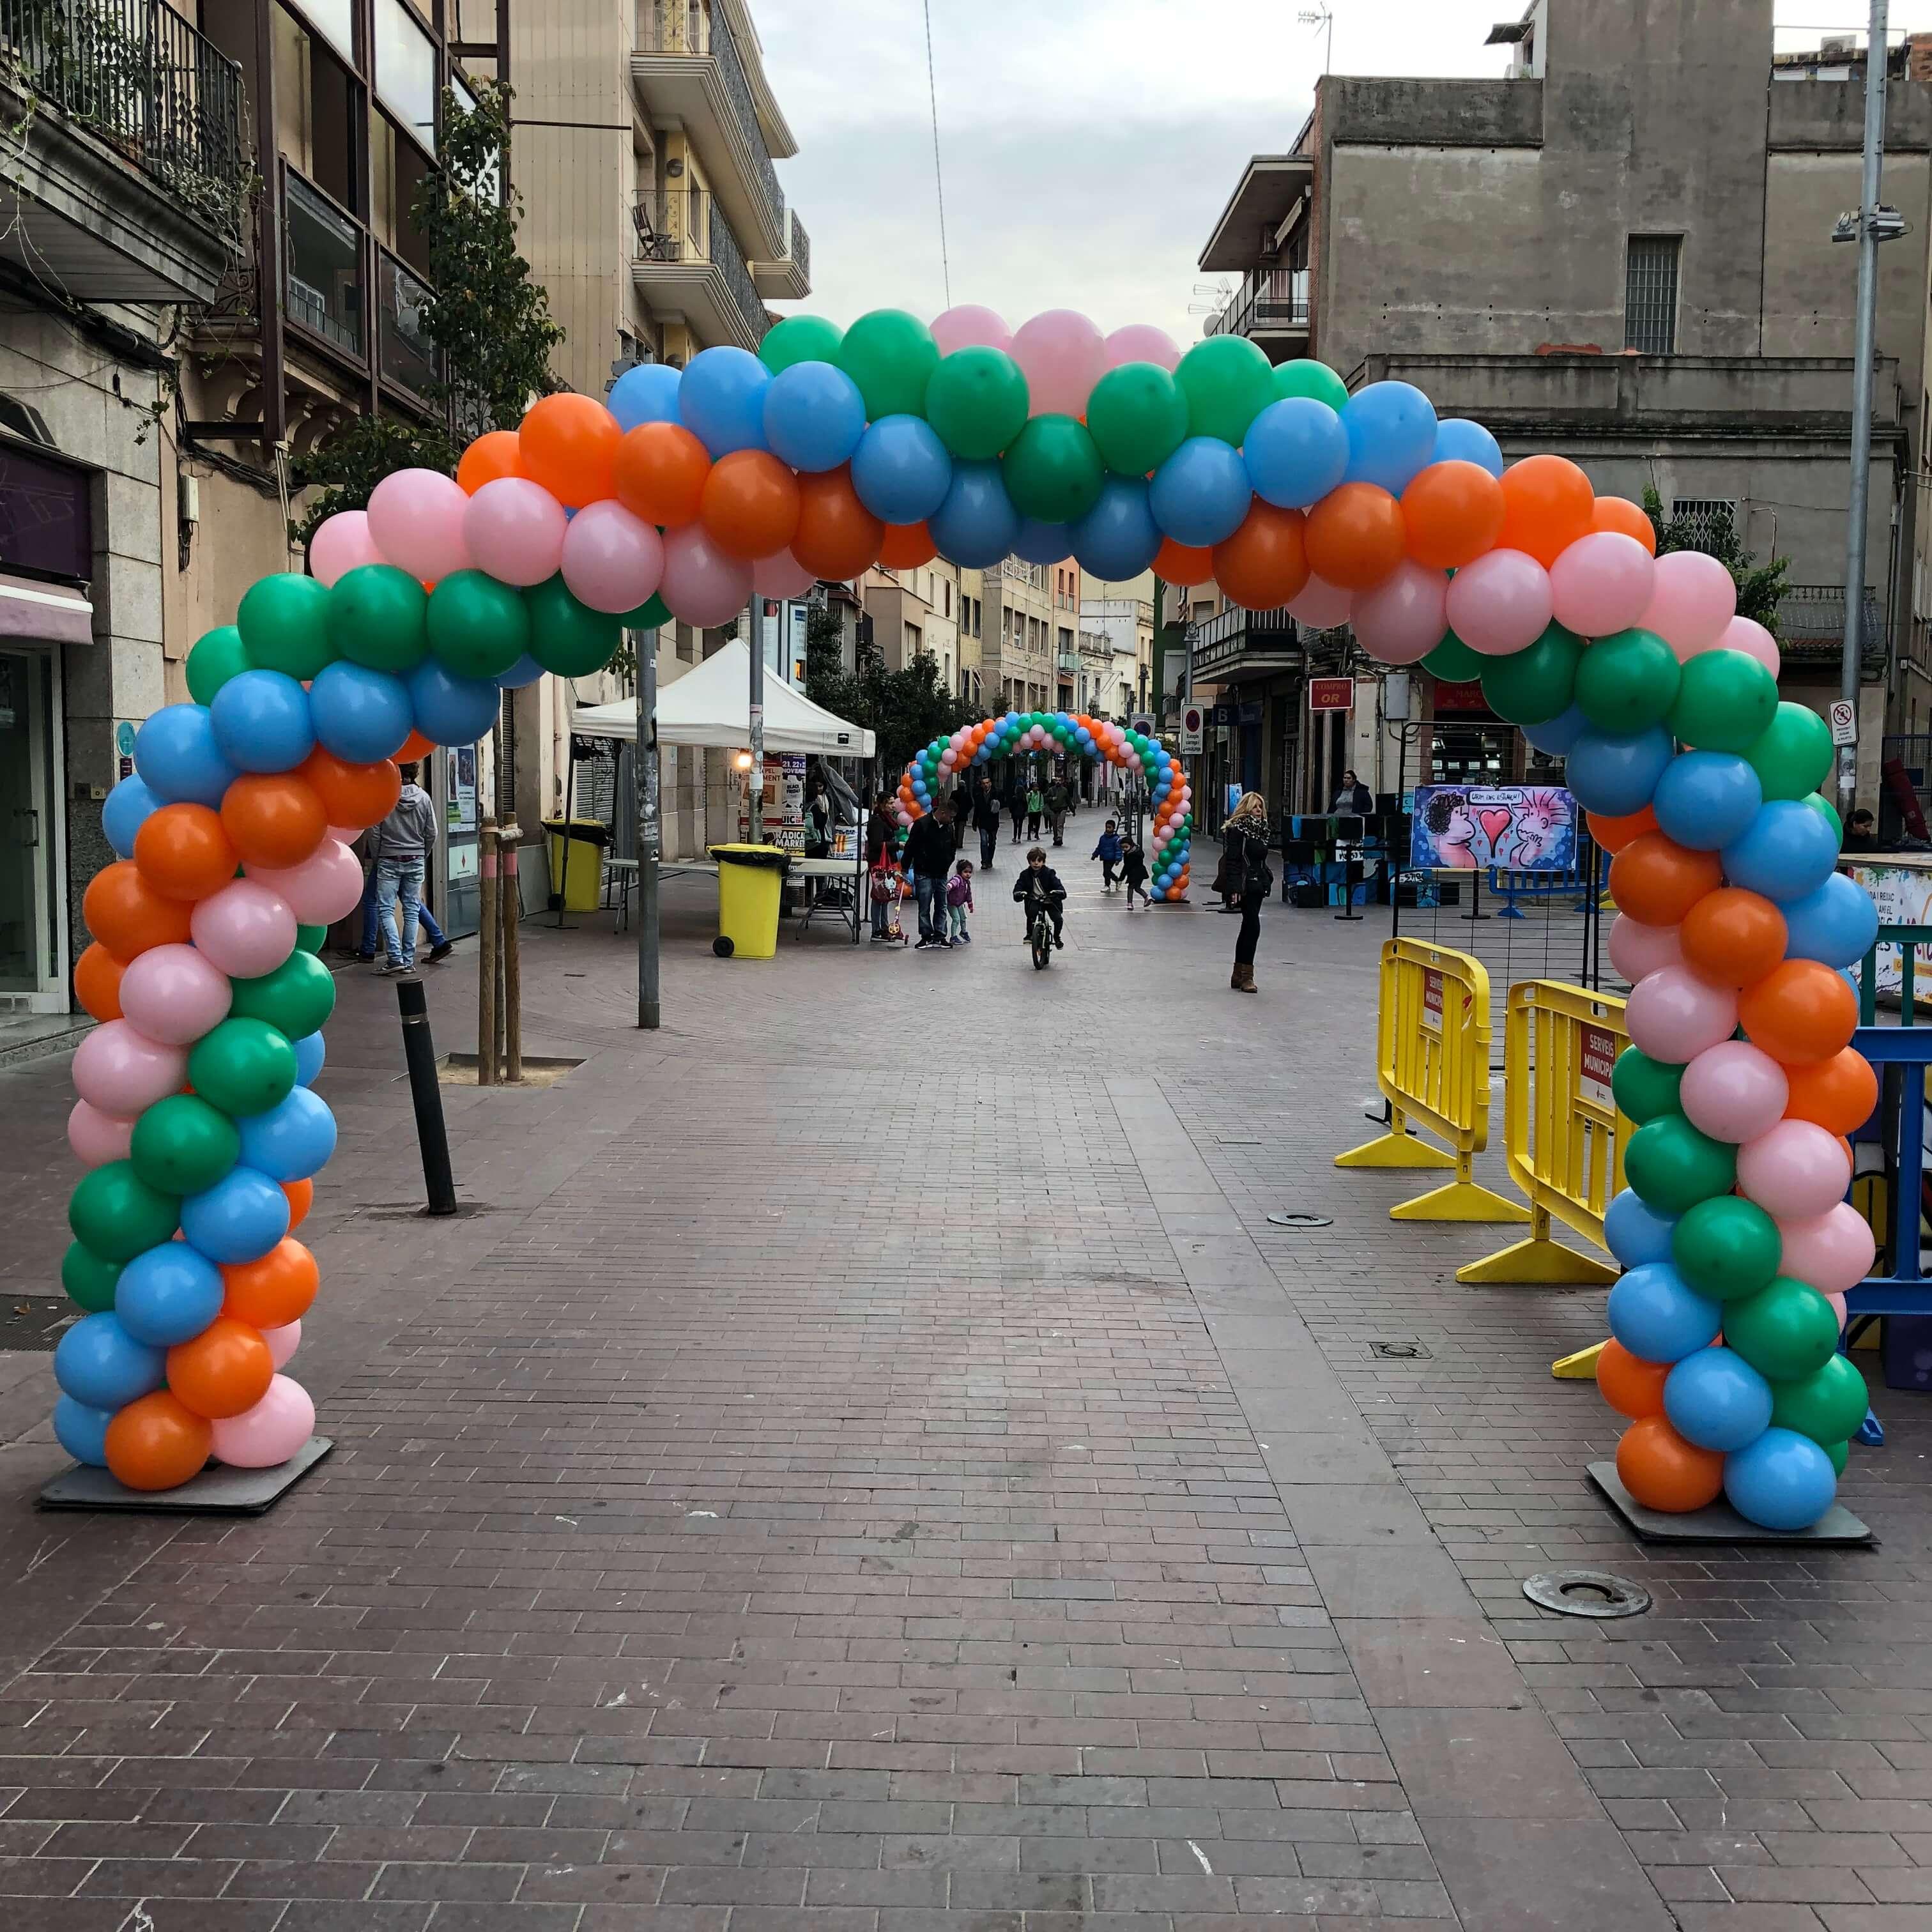 Arcos de globos en un evento en el exterior.